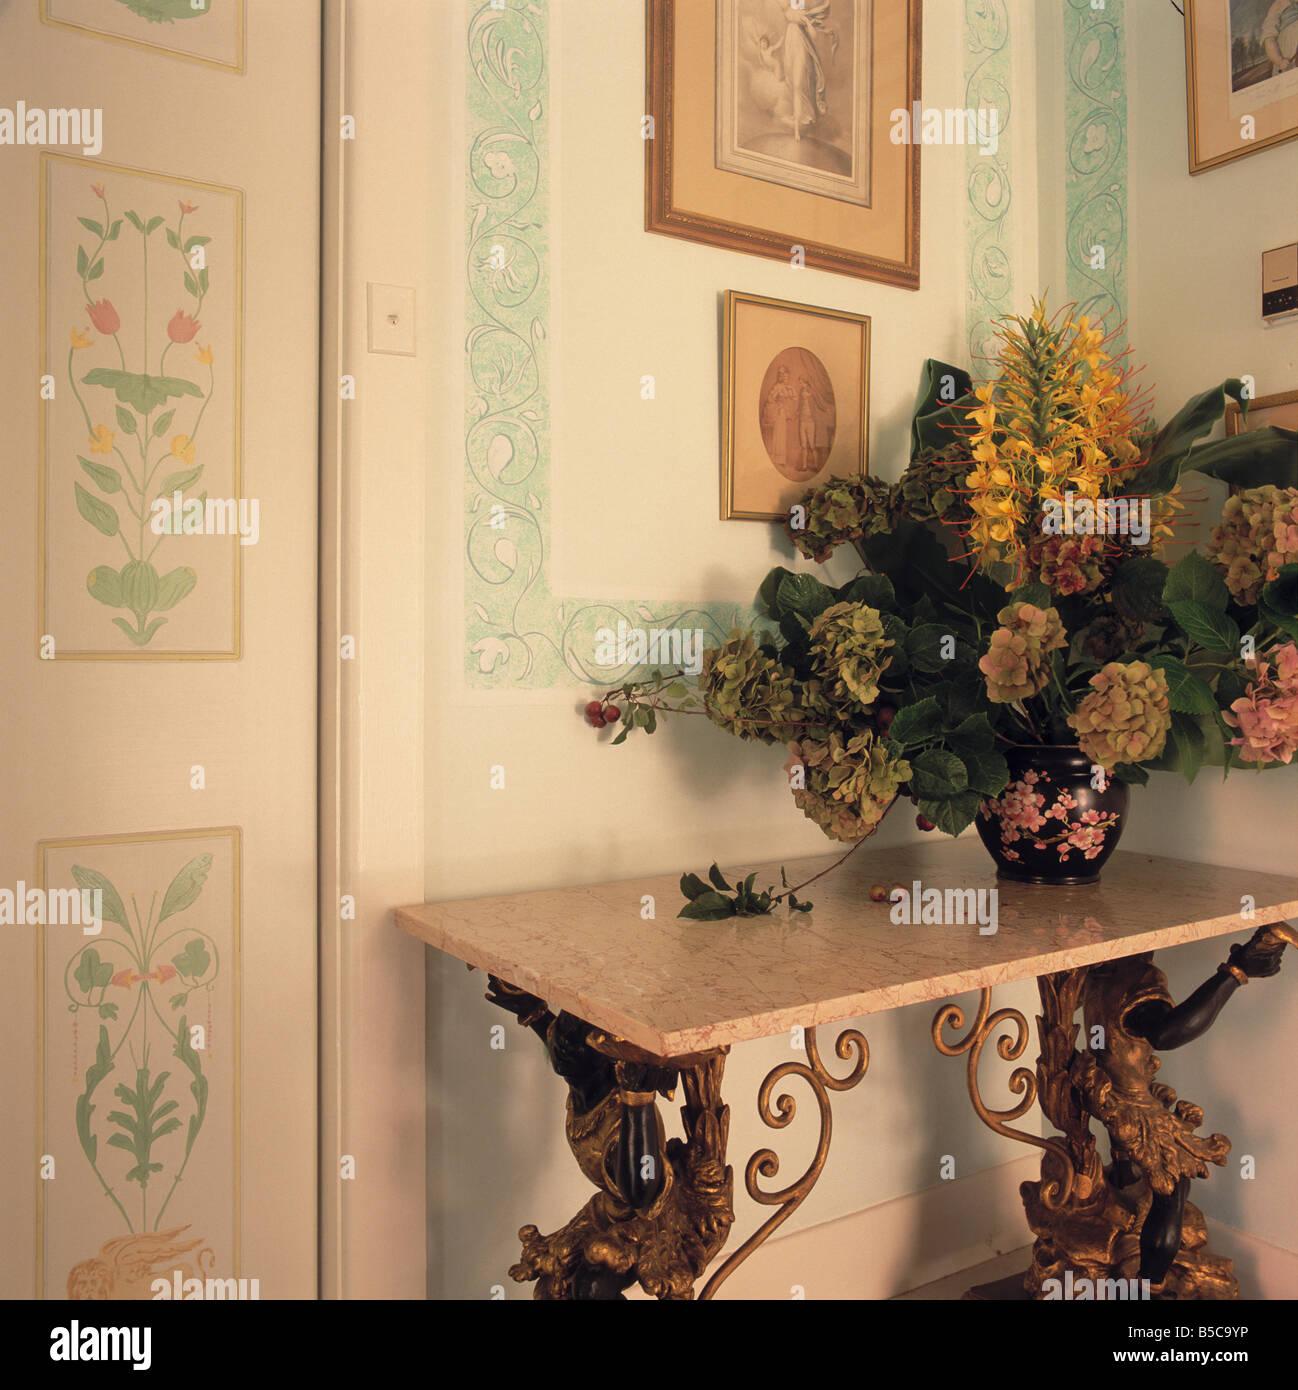 Flower arrangement on marble topped ornate gilt table in corner of ...